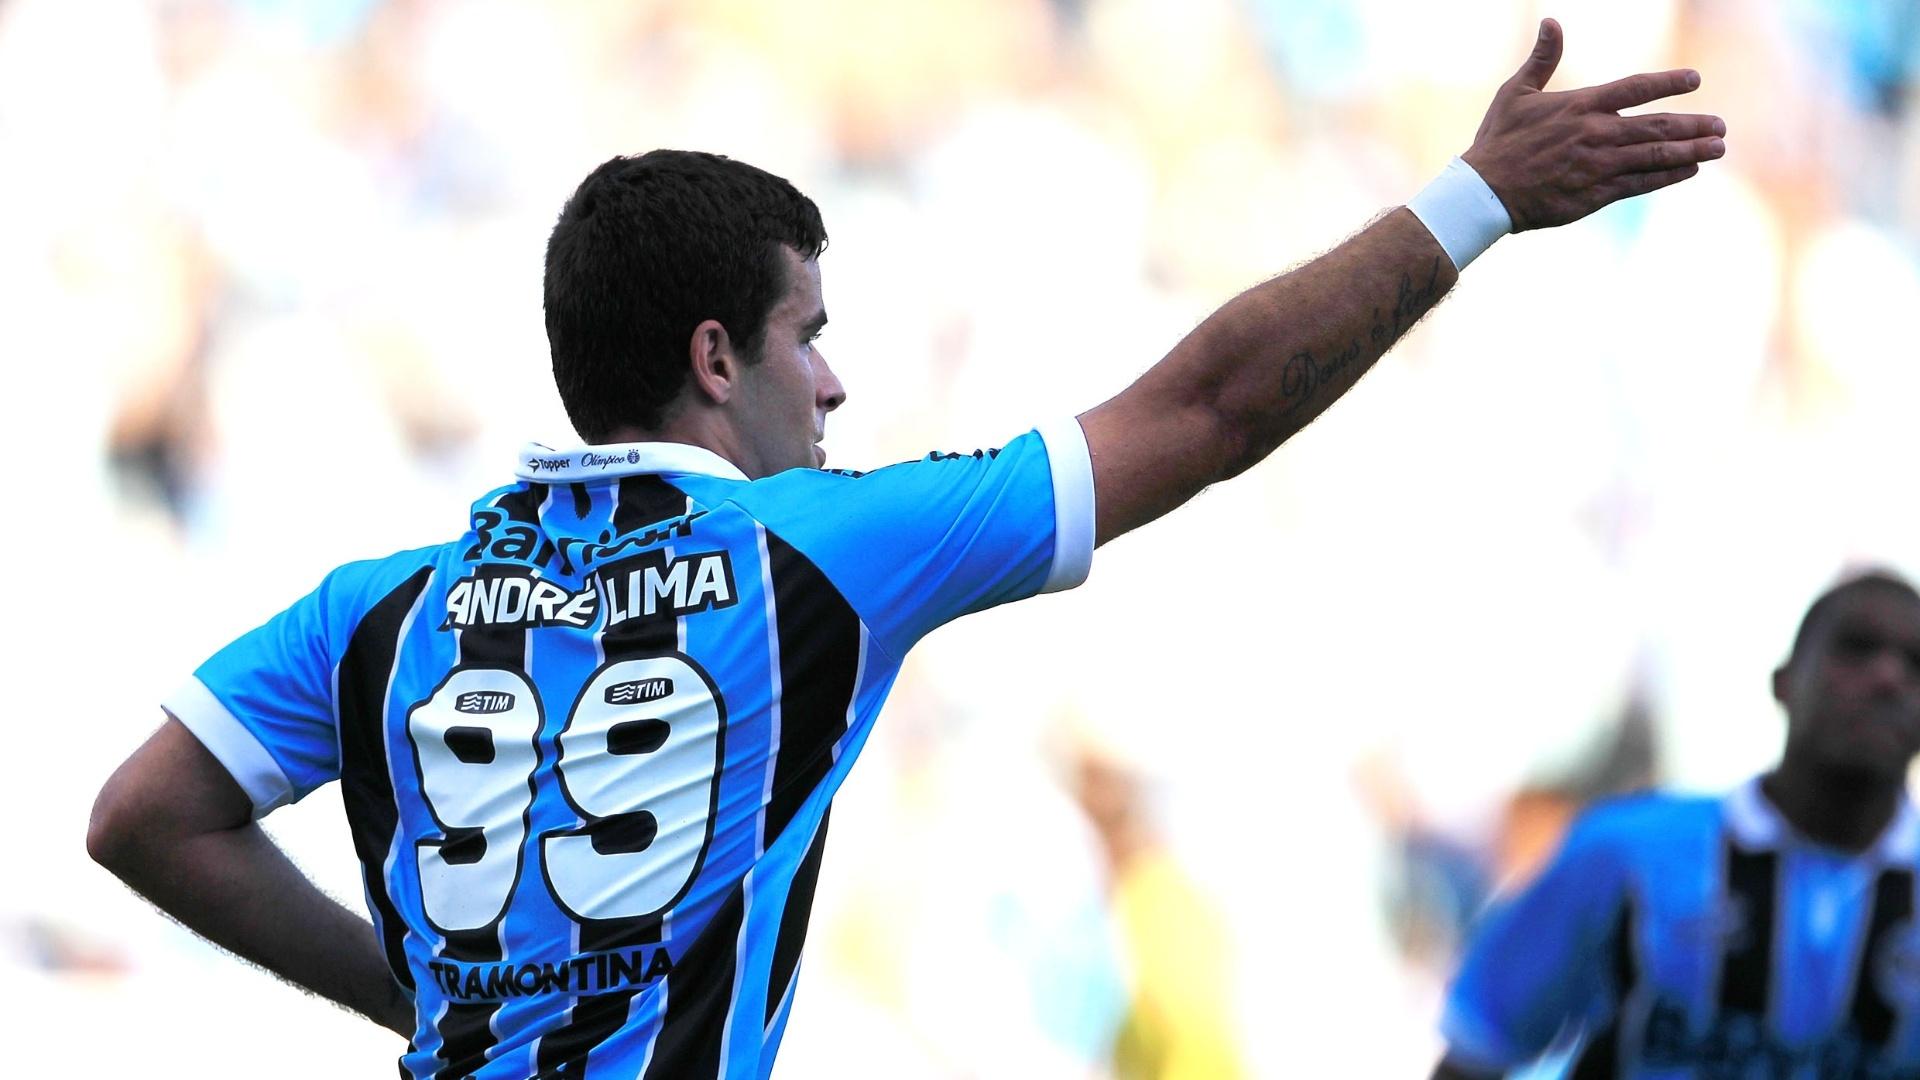 Atacante do Grêmio, André Lima tem seu nome cantado pela torcida no Olímpico